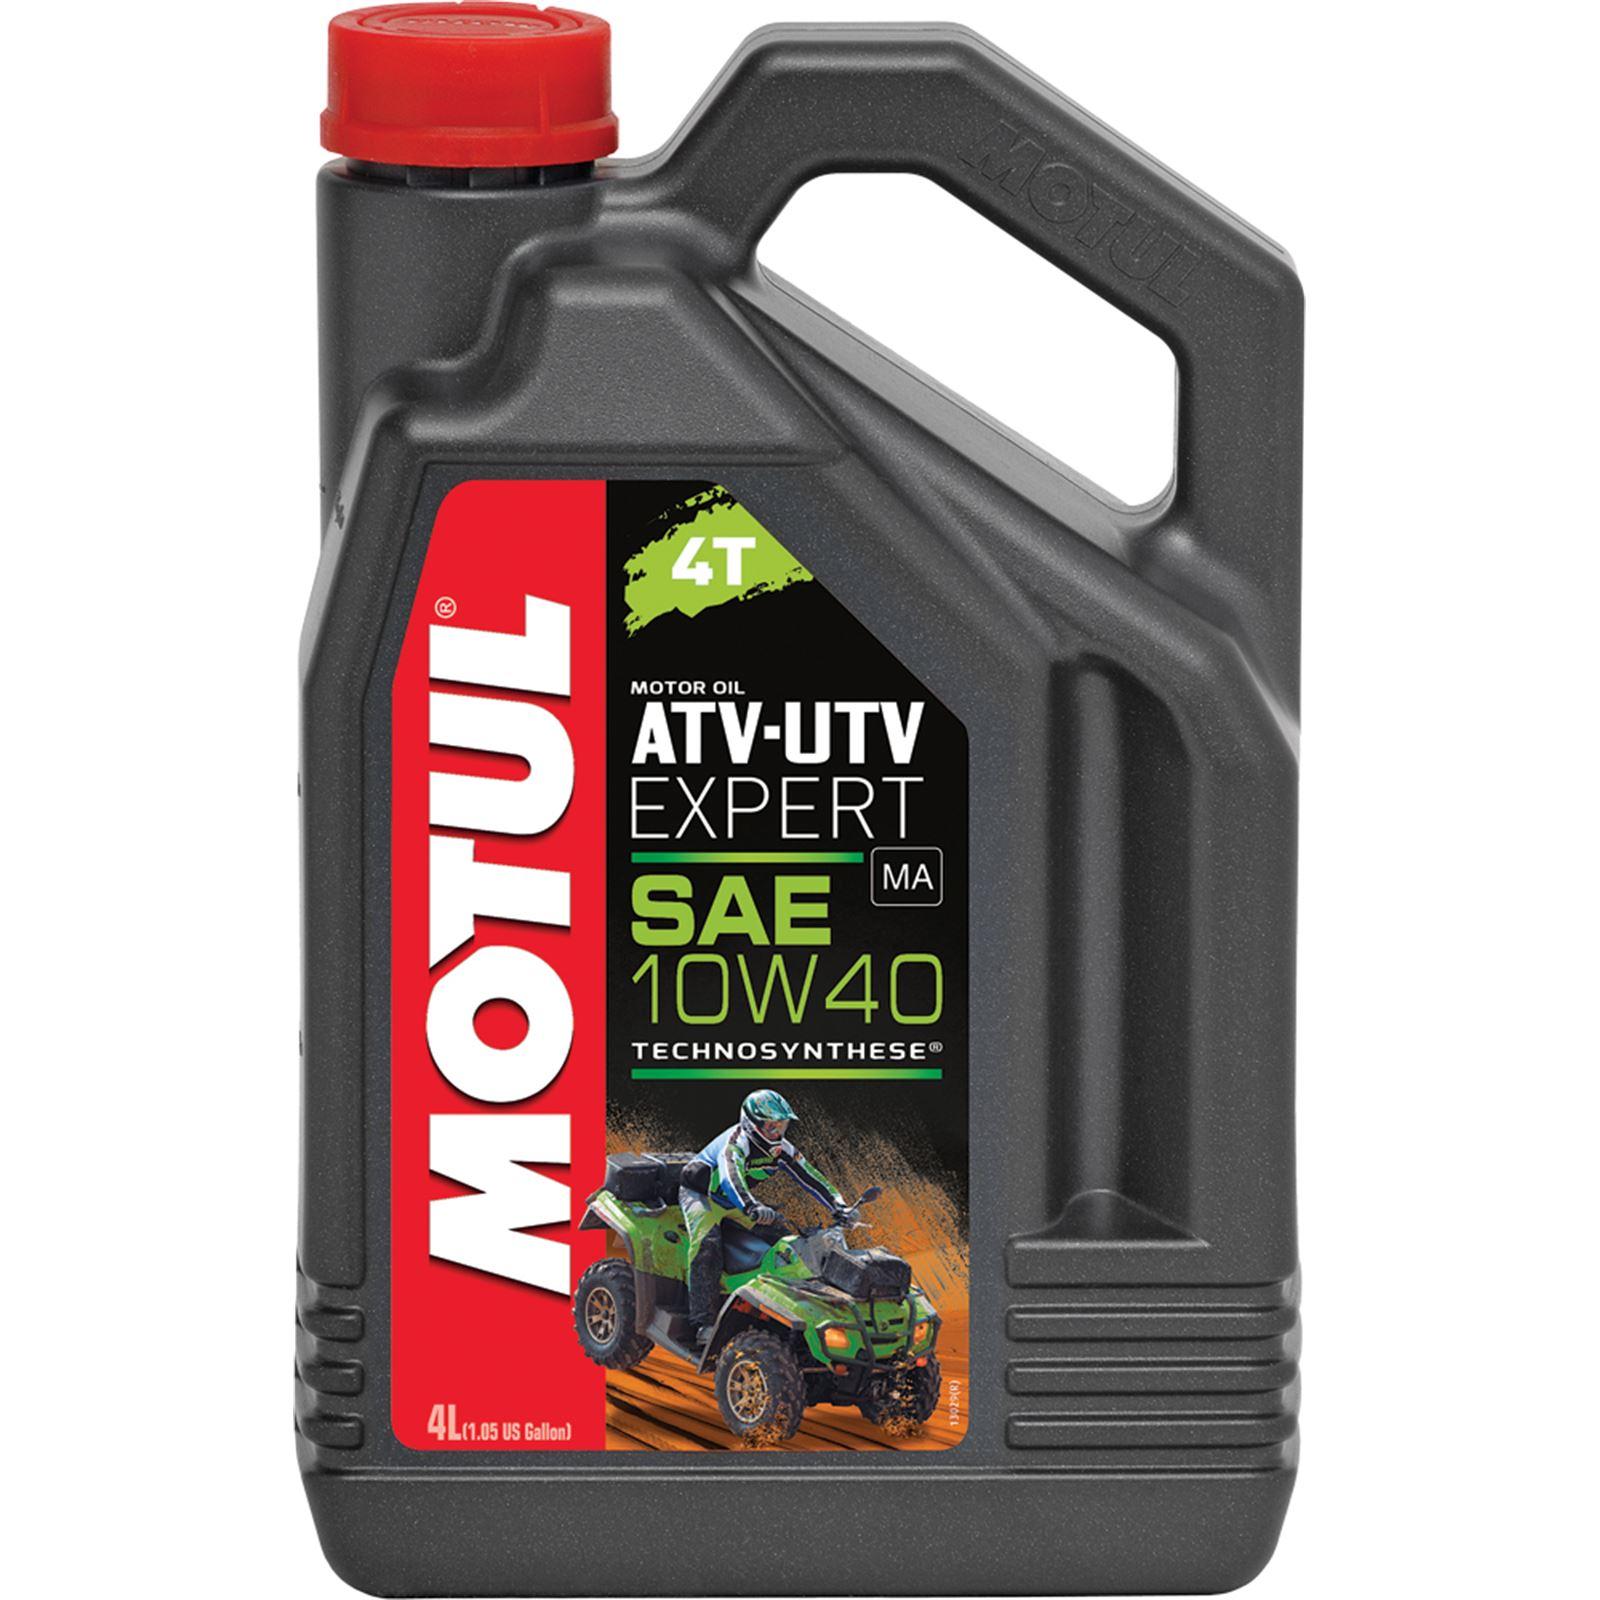 Motul ATV/UTV Expert 4T Oil